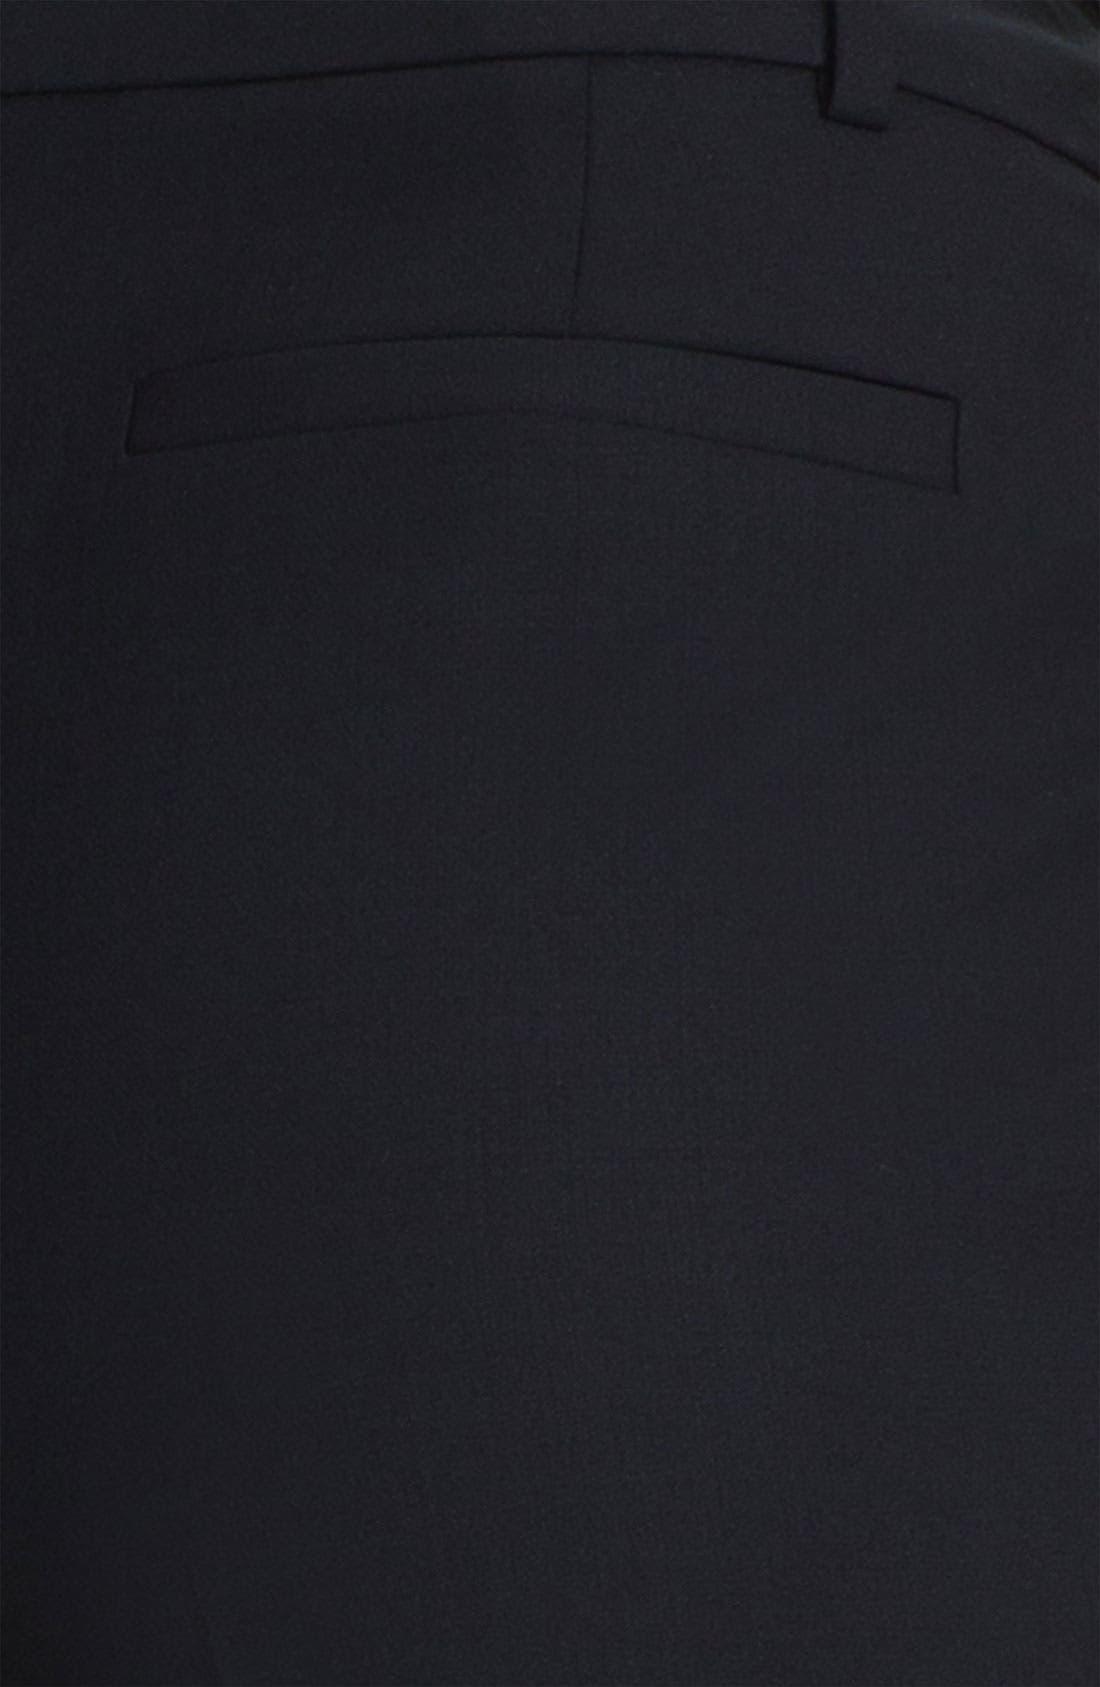 Classiques Entier Stretch Wool Pants,                             Alternate thumbnail 3, color,                             001